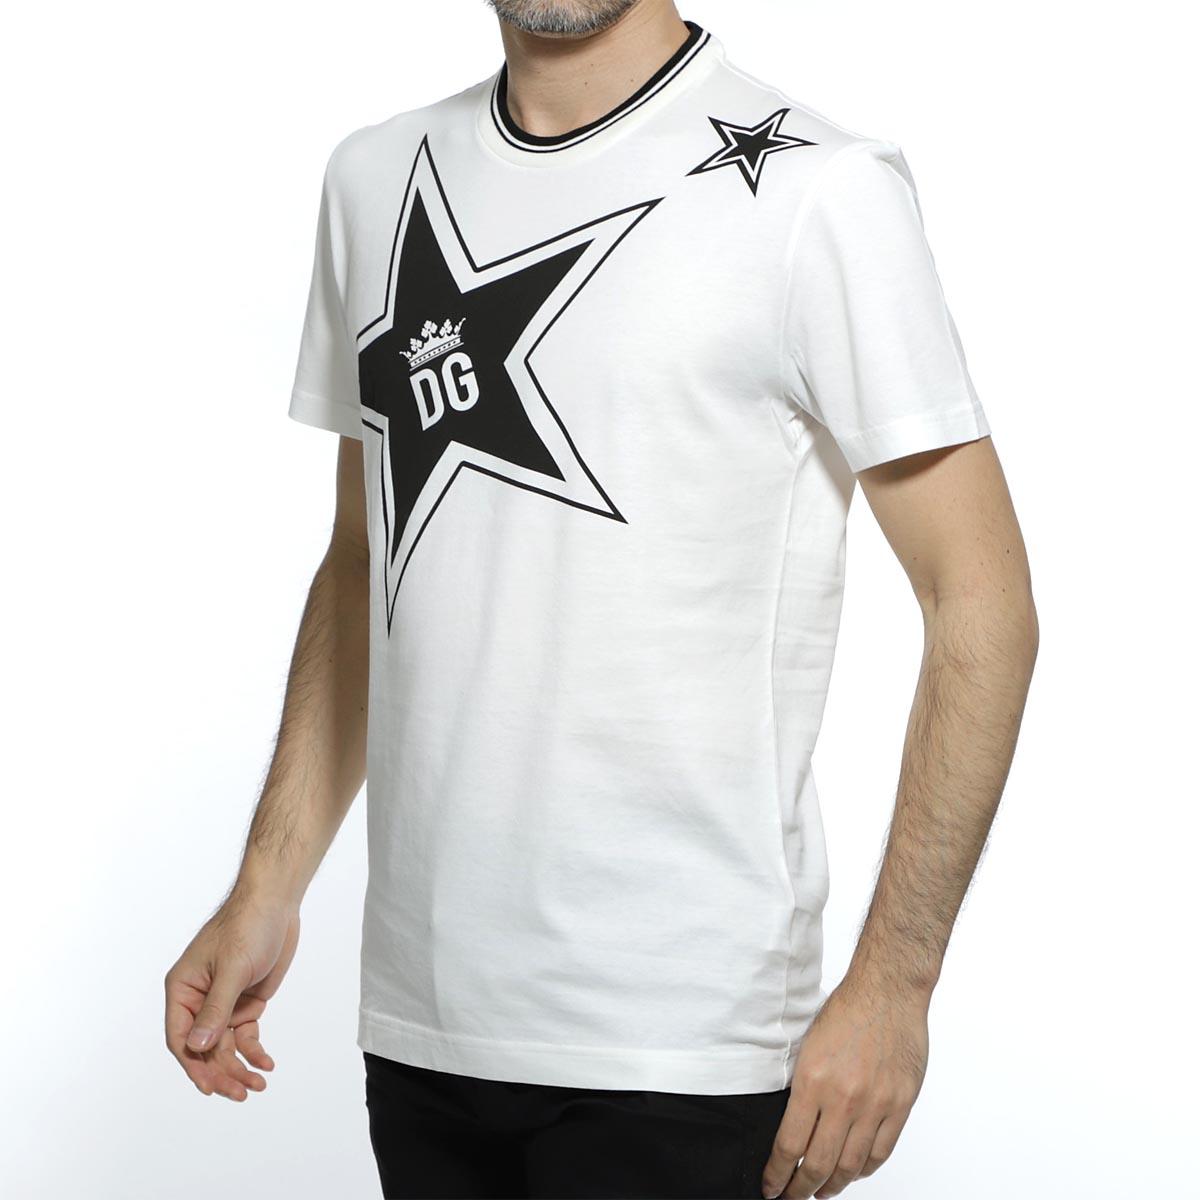 ドルチェ&ガッバーナ DOLCE&GABBANA ラウンドネック Tシャツ ホワイト メンズ デザイン カットソー カジュアル 大きいサイズあり g8kd0t fi7k3 ha1db STAR PRINT T-SHIRT【あす楽対応_関東】【返品送料無料】【ラッピング無料】